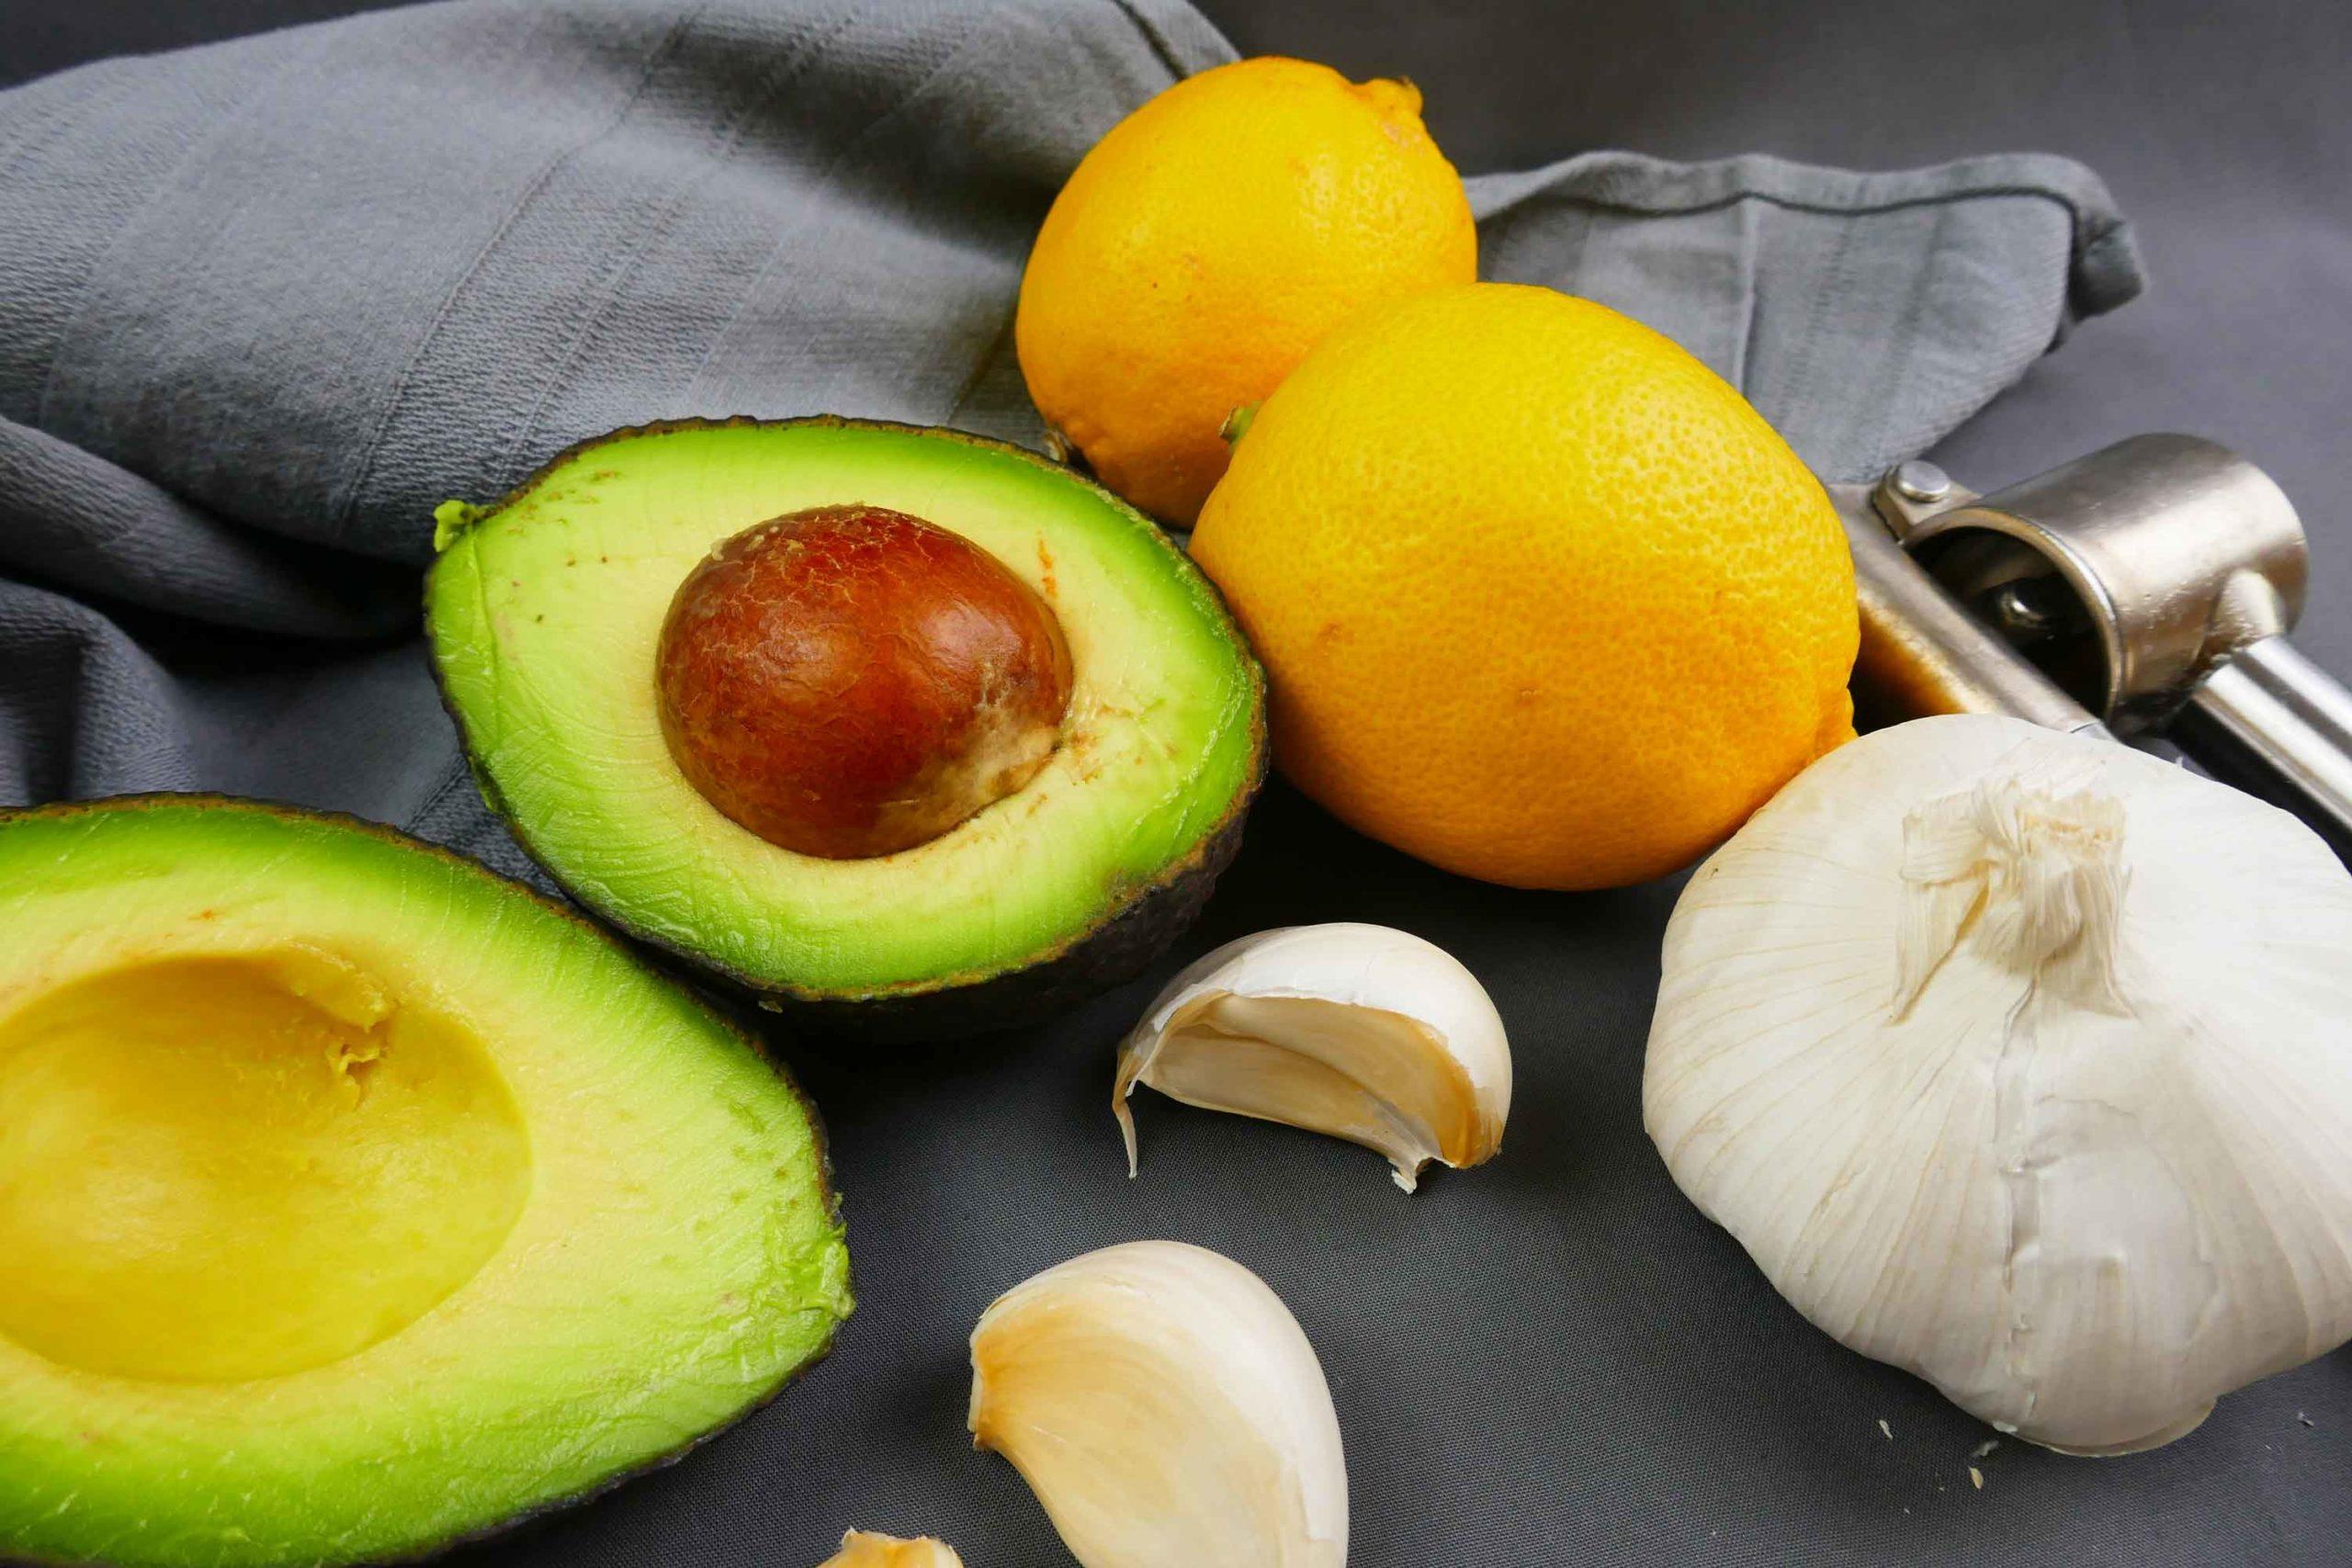 Zutaten für das Avocadotopping, frische Avocado, Knoblauch und Zitrone, Knoblauchpresse